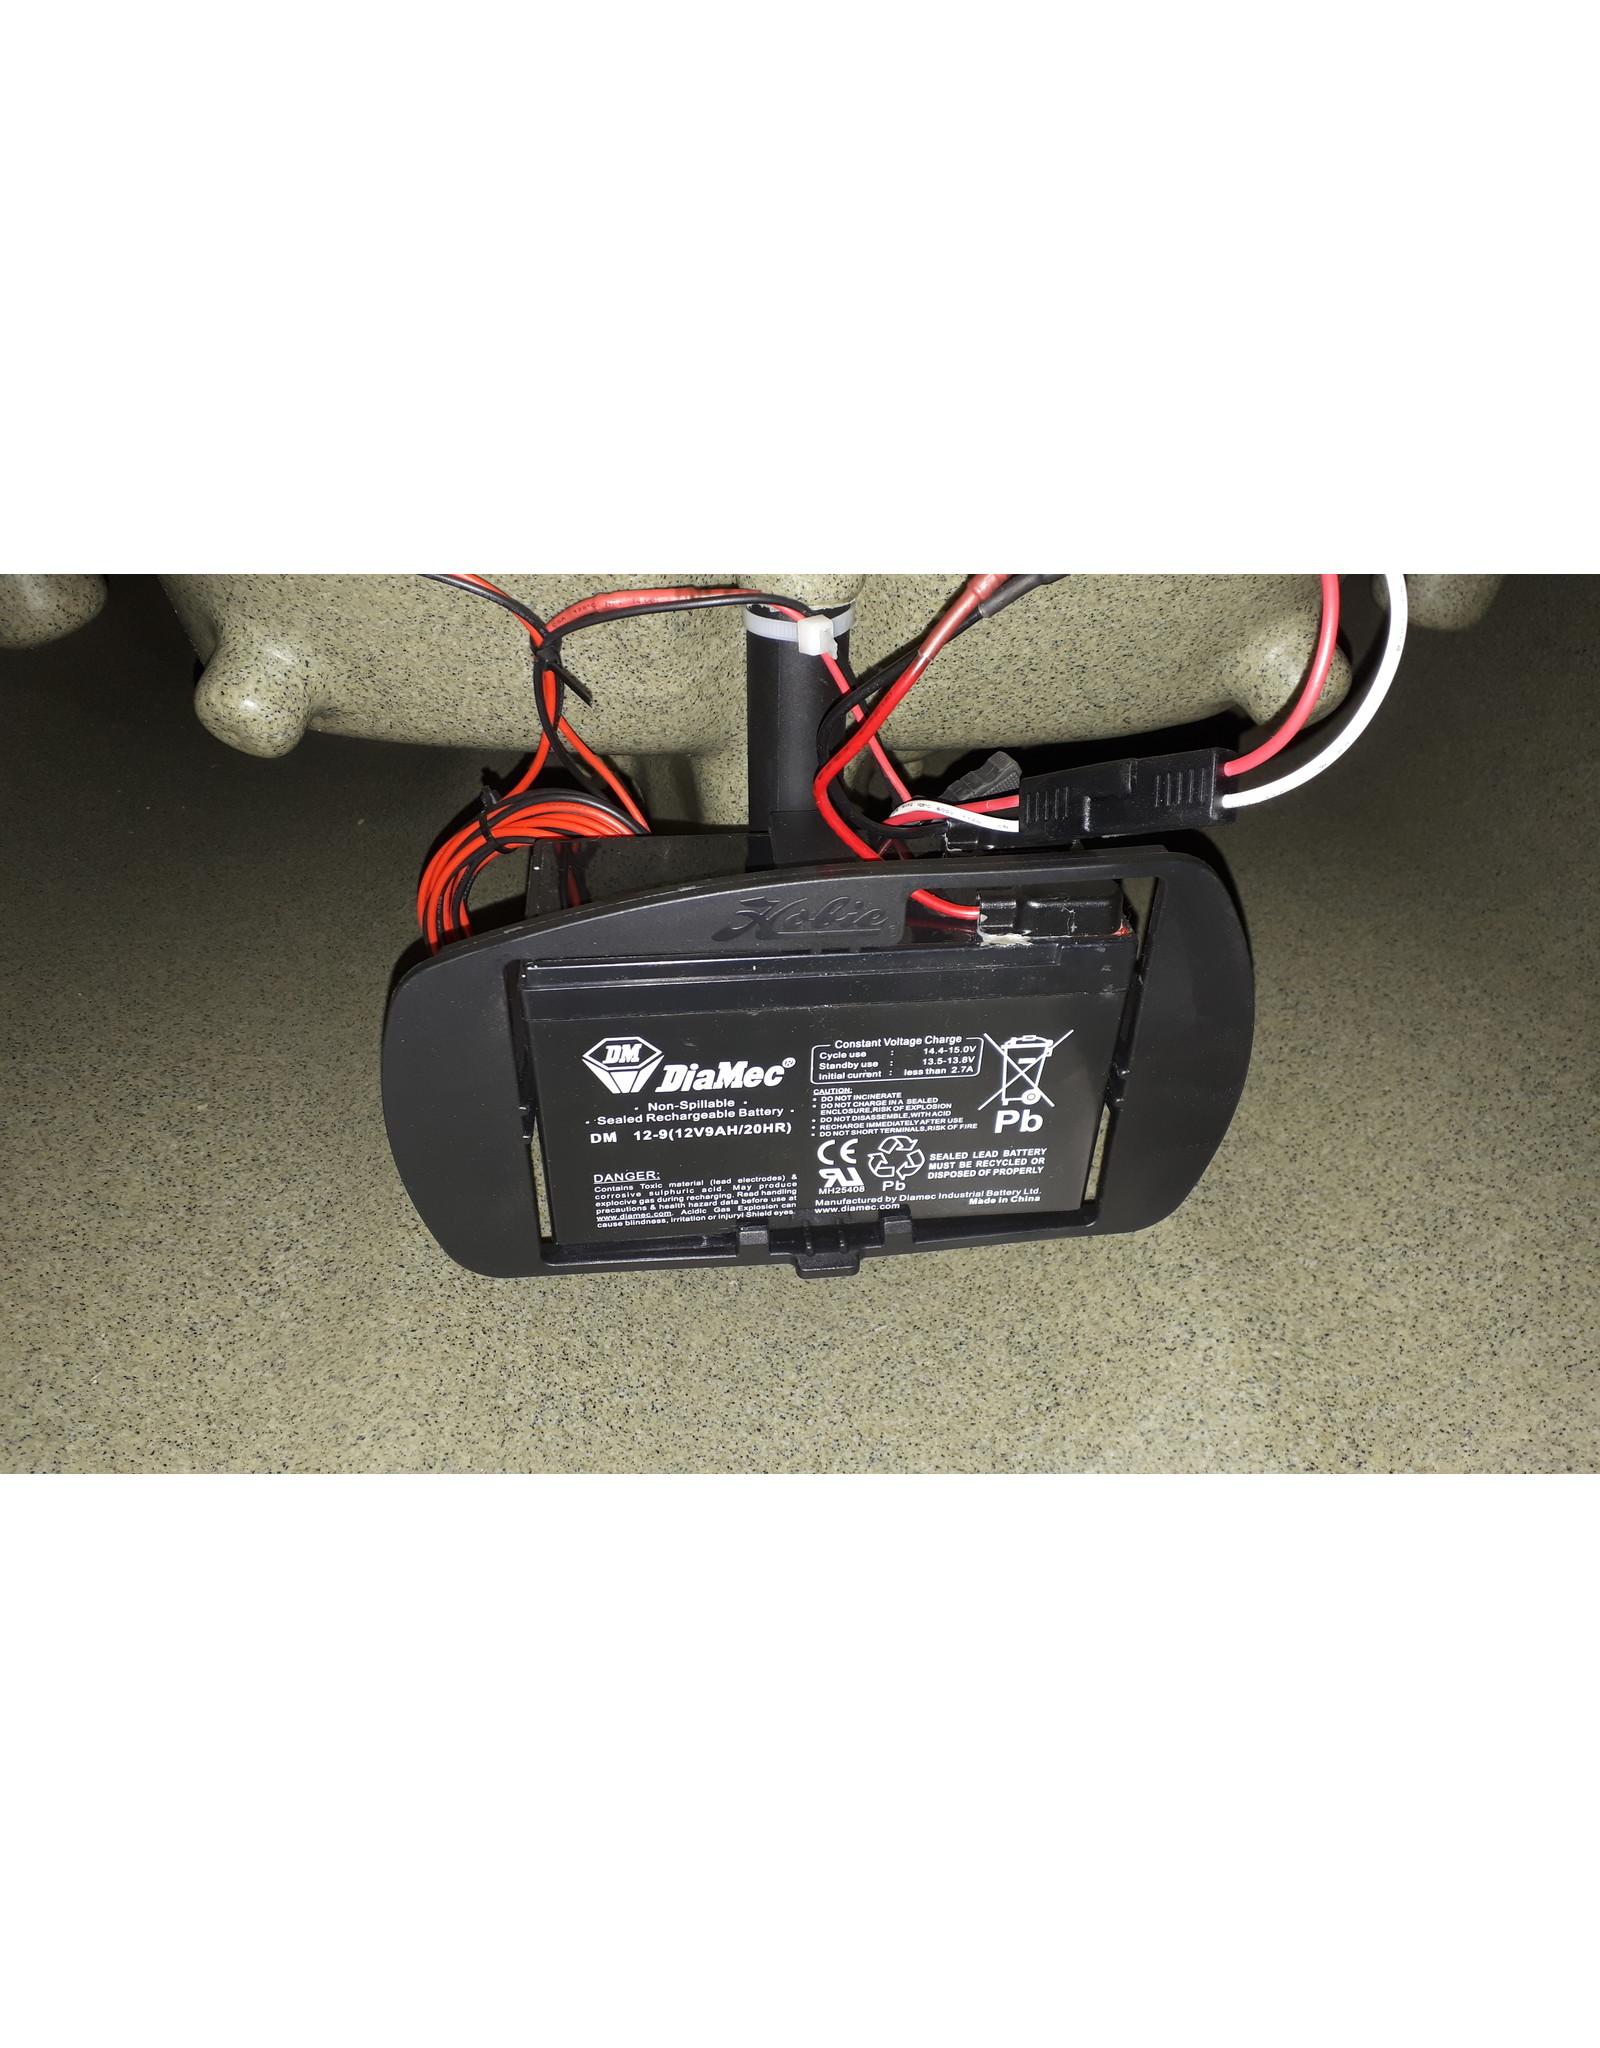 Hobie Hobie Acc. Support Batterie - Holder, 12v Ff Battery